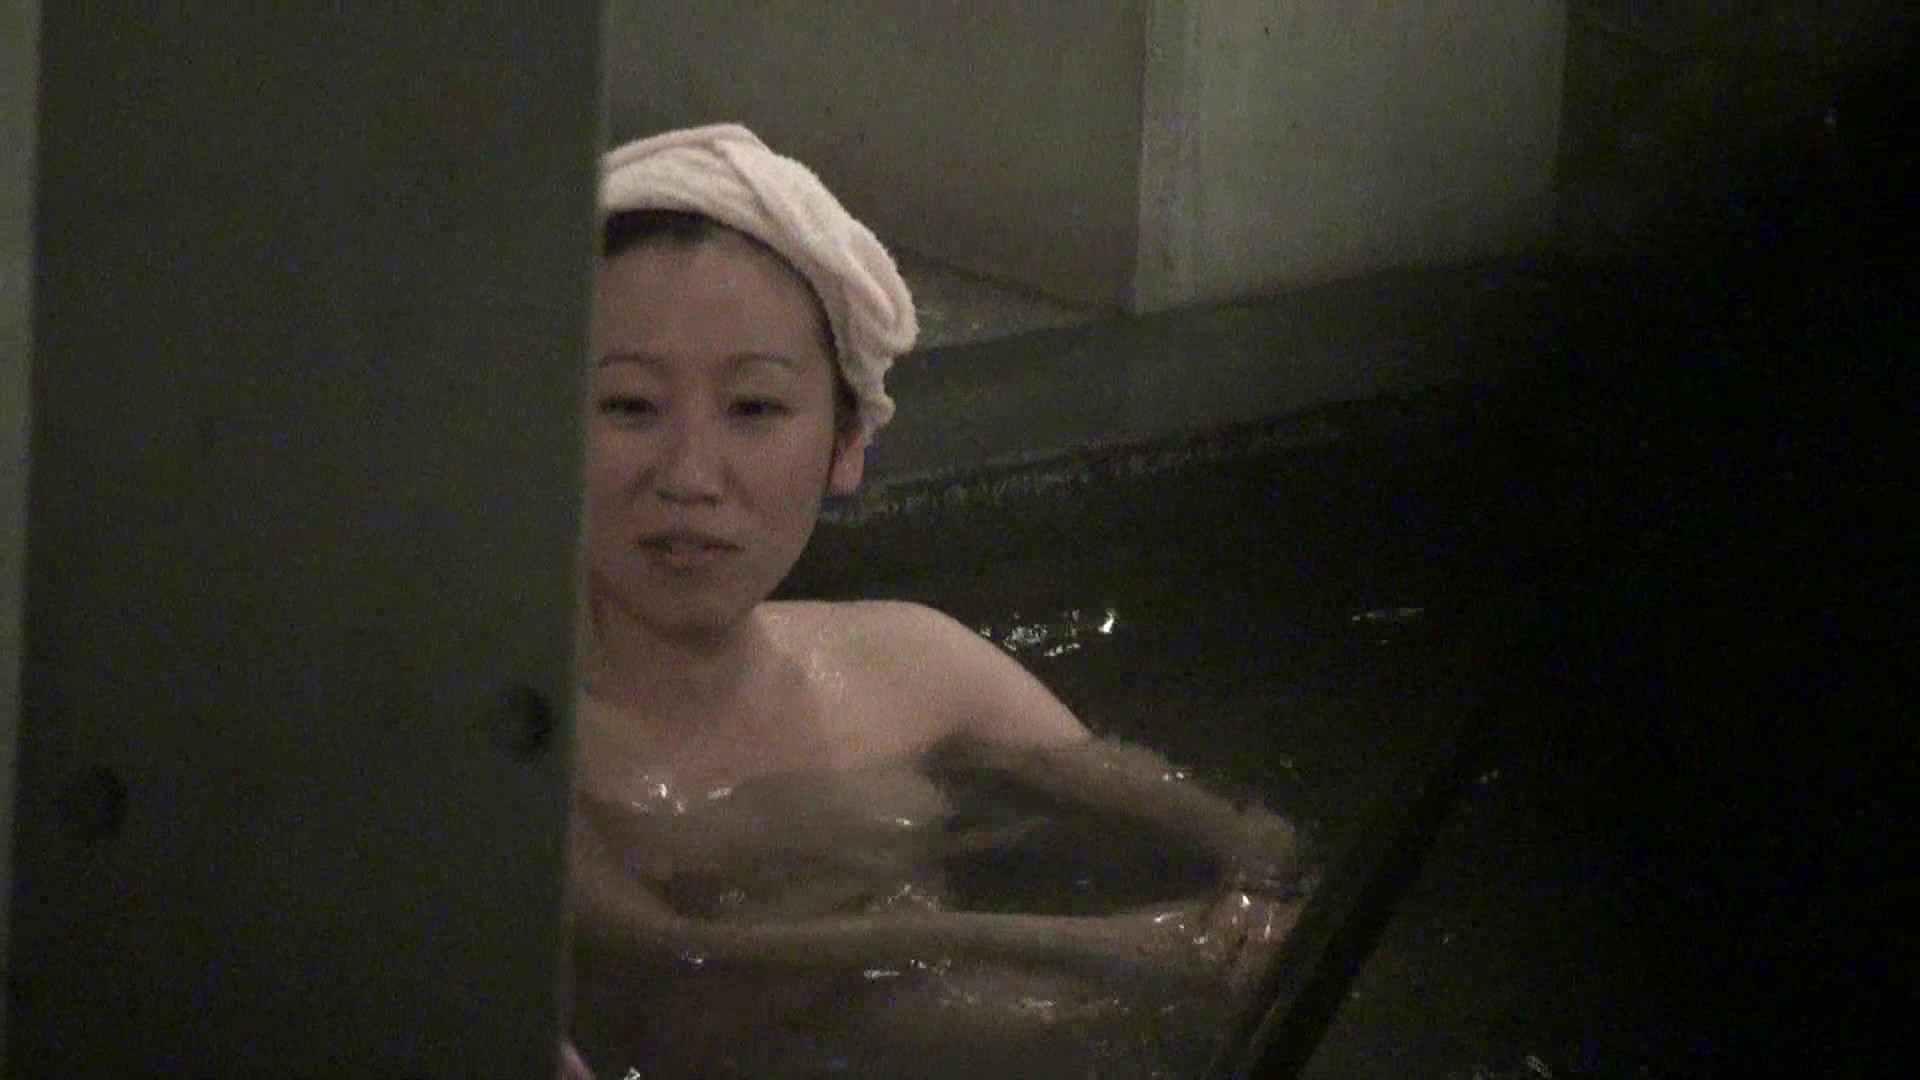 Aquaな露天風呂Vol.416 ガールの盗撮 セックス画像 77枚